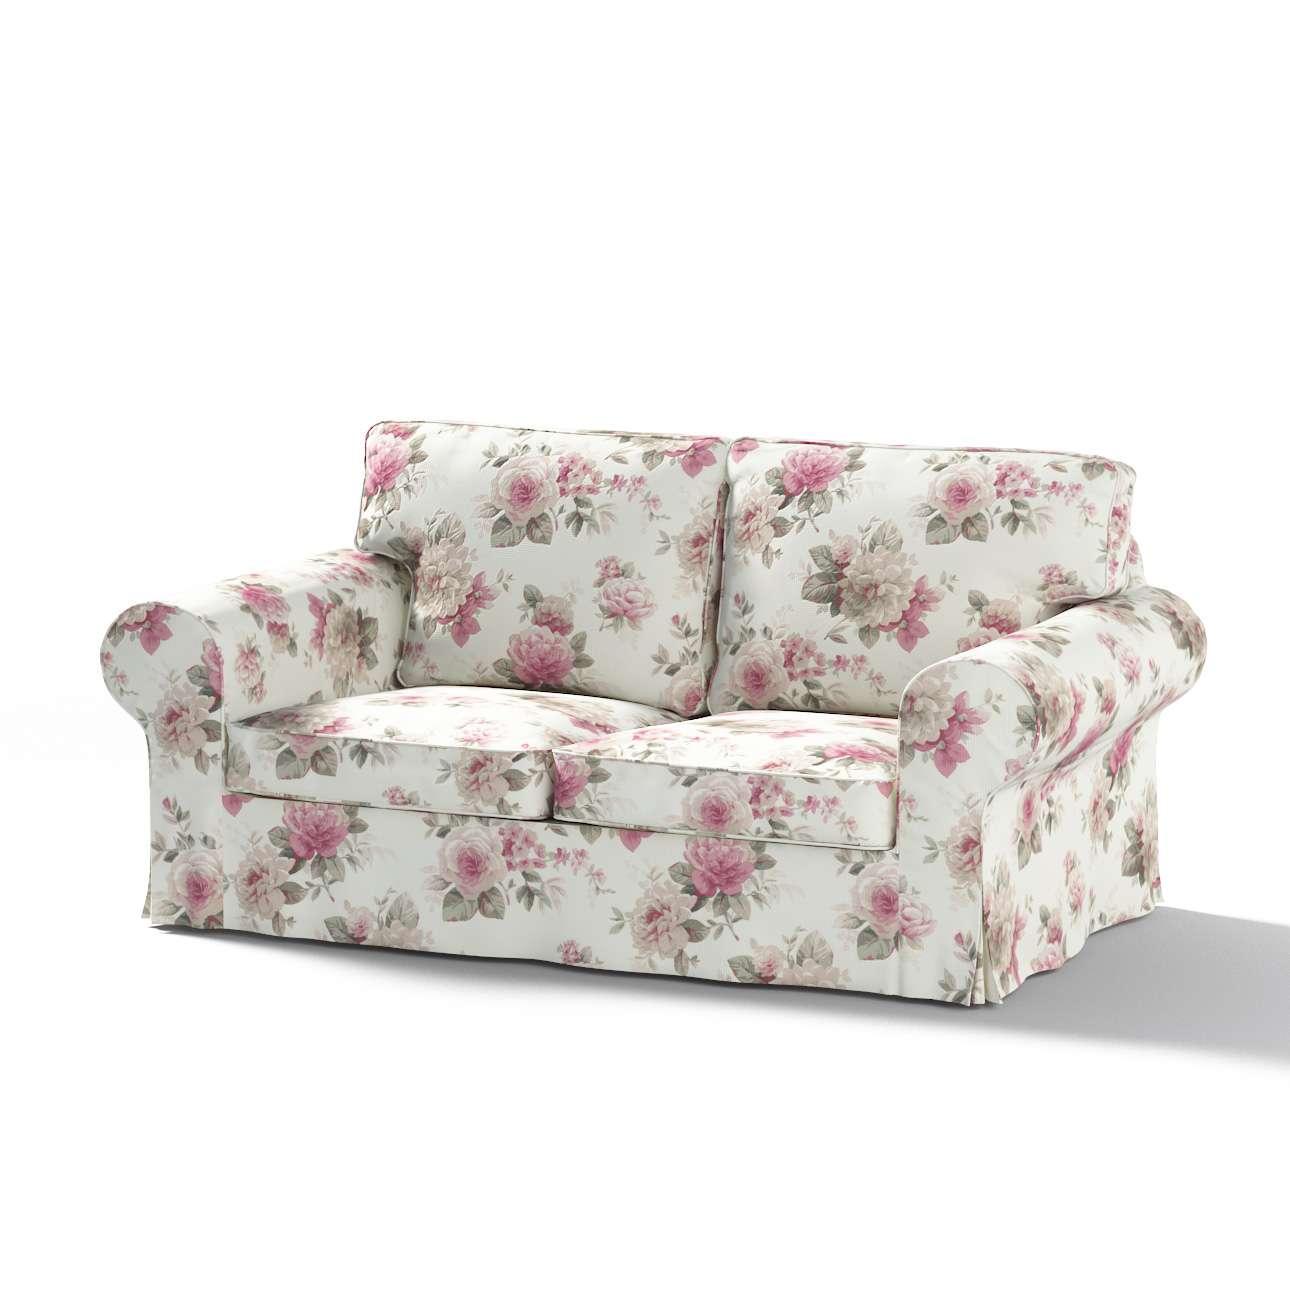 Pokrowiec na sofę Ektorp 2-osobową rozkładana NOWY MODEL 2012 w kolekcji Mirella, tkanina: 141-07